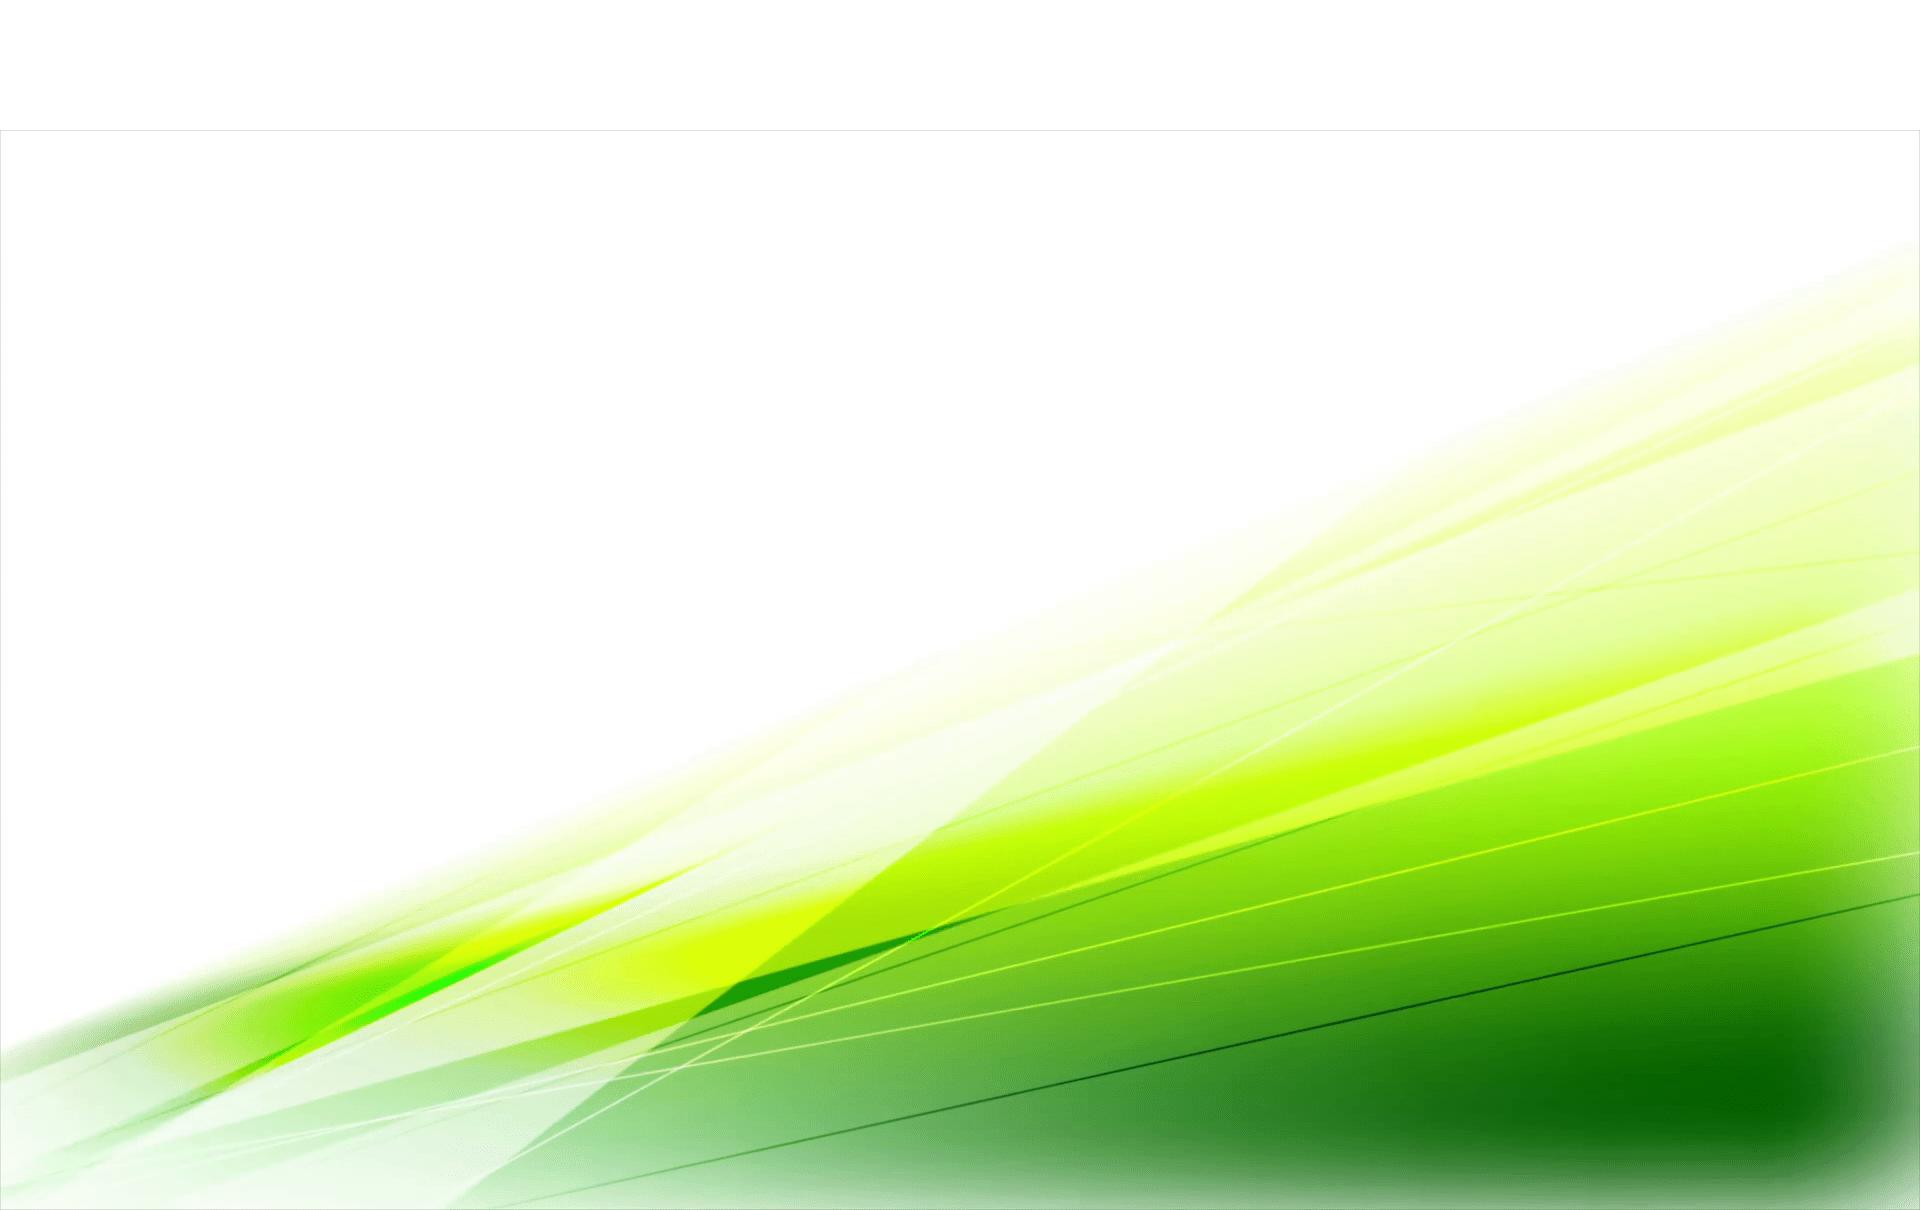 Hình nền trắng đẹp (115)